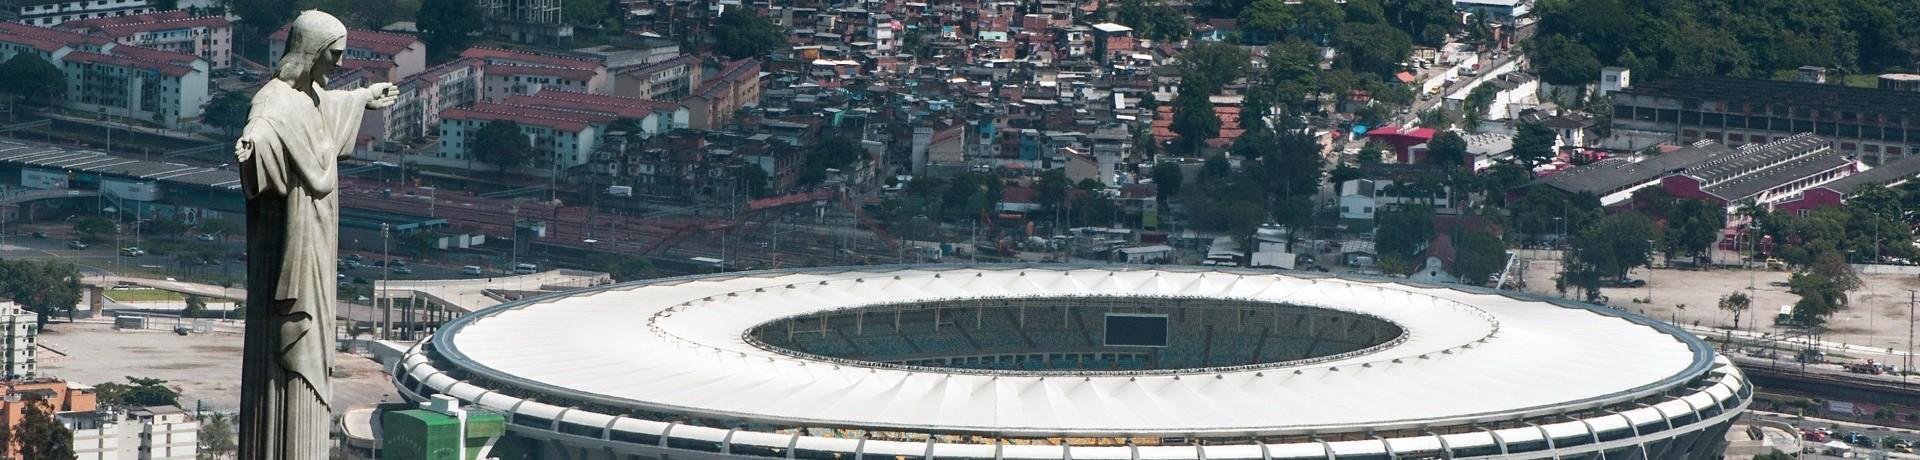 Le mythique Maracana de Rio de Janeiro a accueilli sept matches du Mondial 2014, dont la finale (illustration)